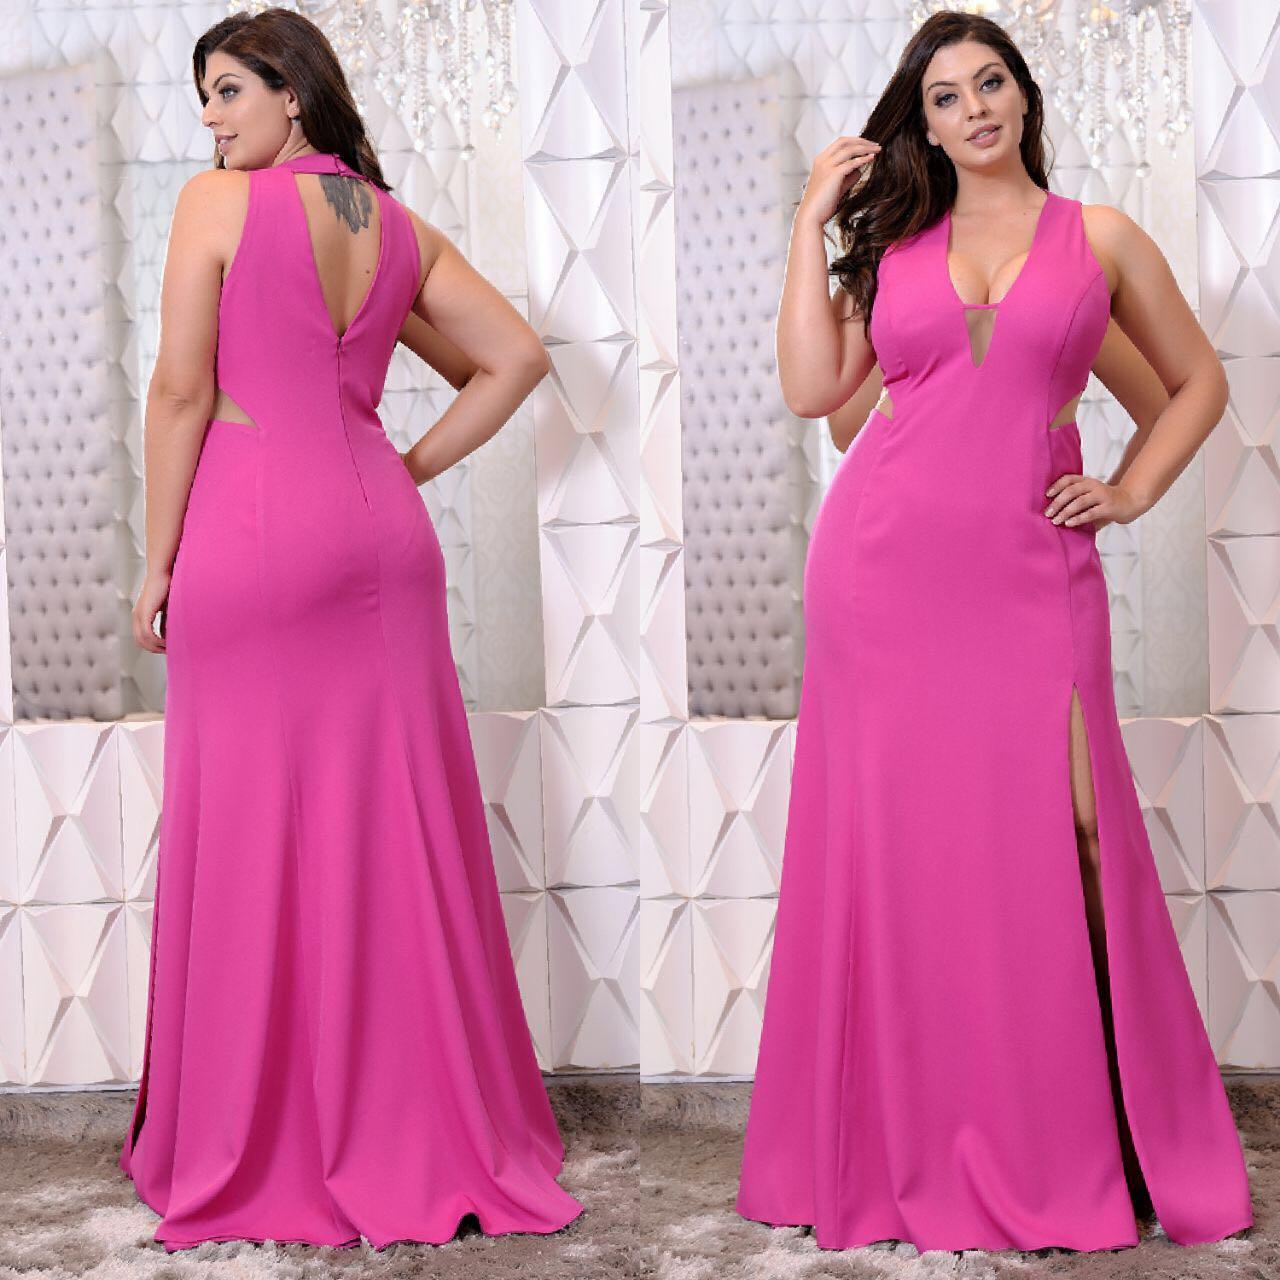 1521504b8 Vestido de festa pink minimalista – Aluguel de Vestidos de Festa RJ | Fino  Traje Moda Festa | Rio de Janeiro